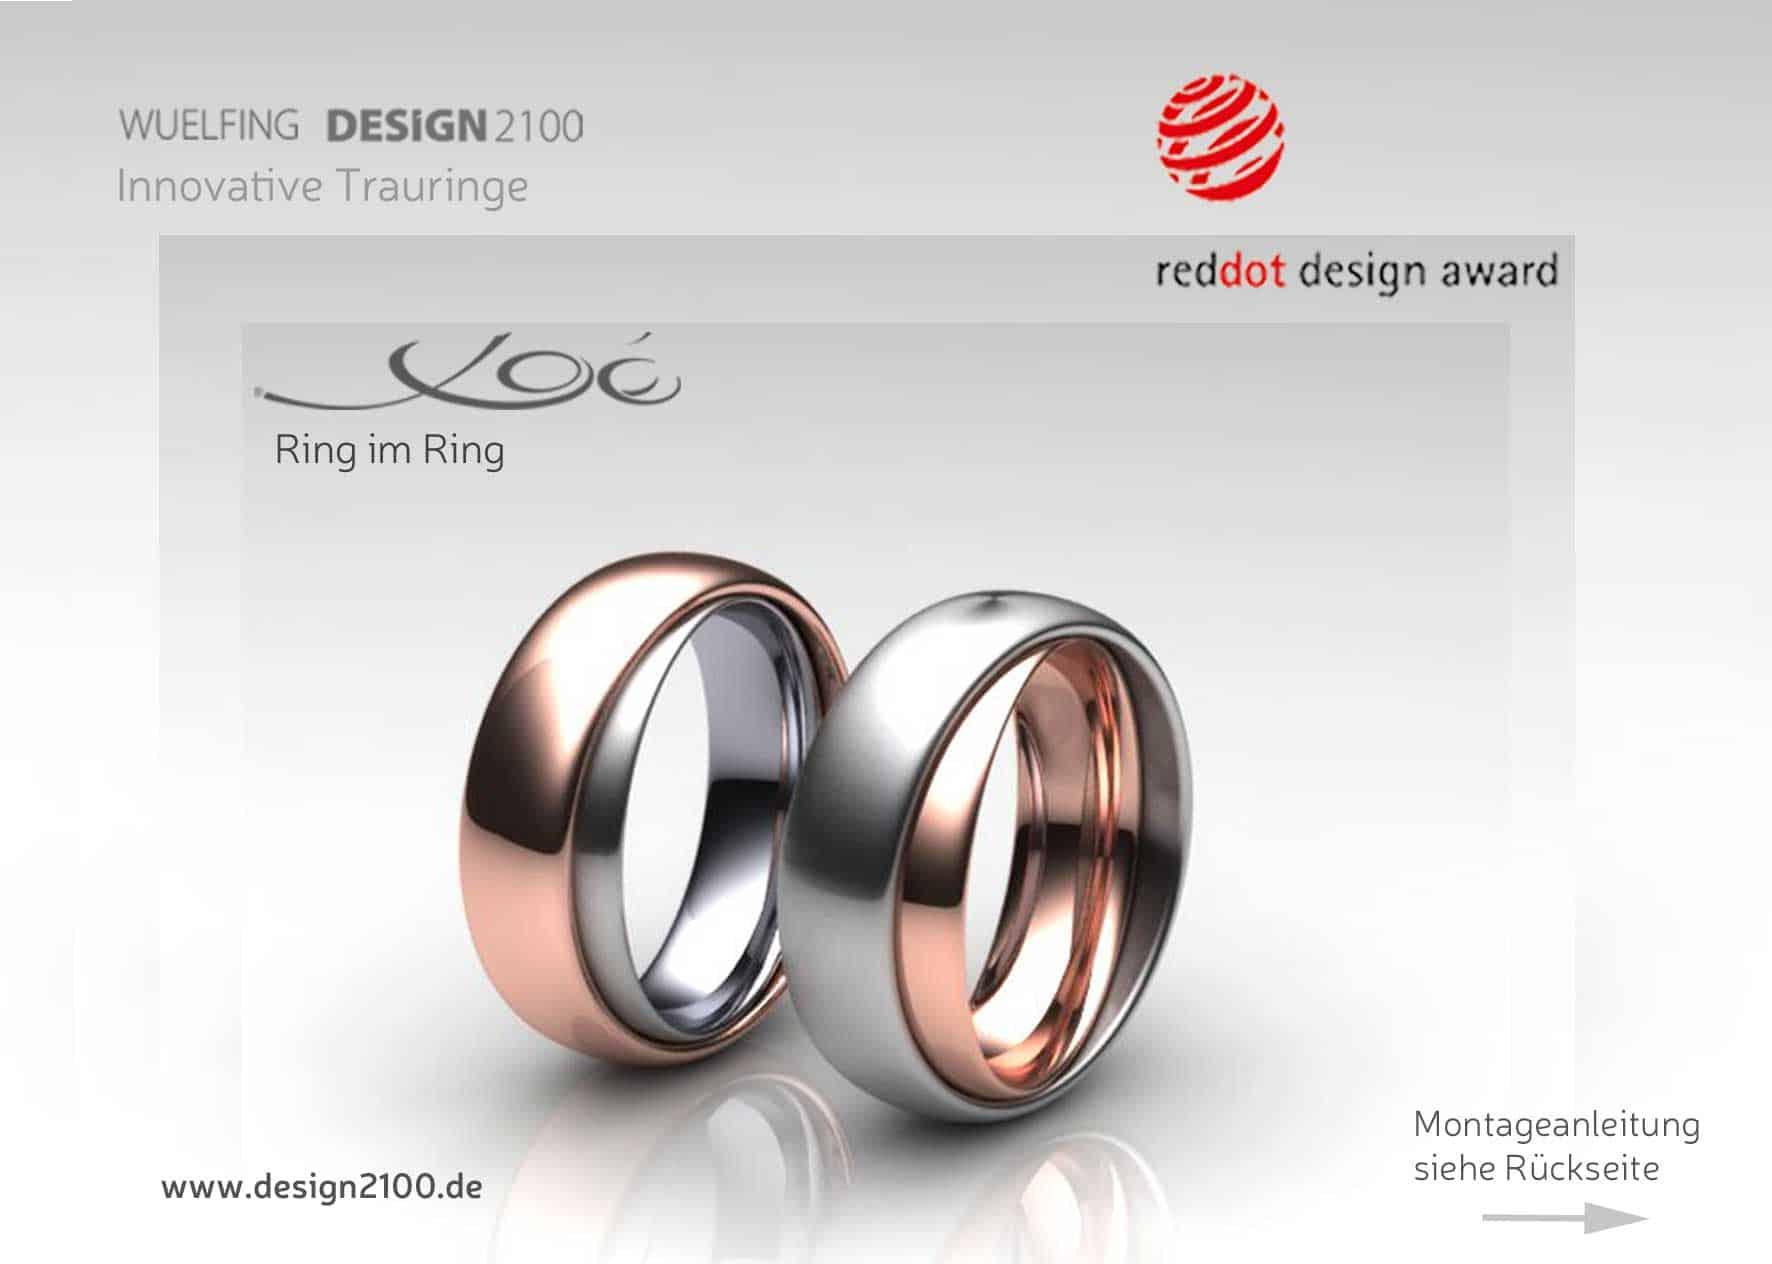 Bild von zwei Partnerringen ausgezeichnet mit Red Dot Design Award